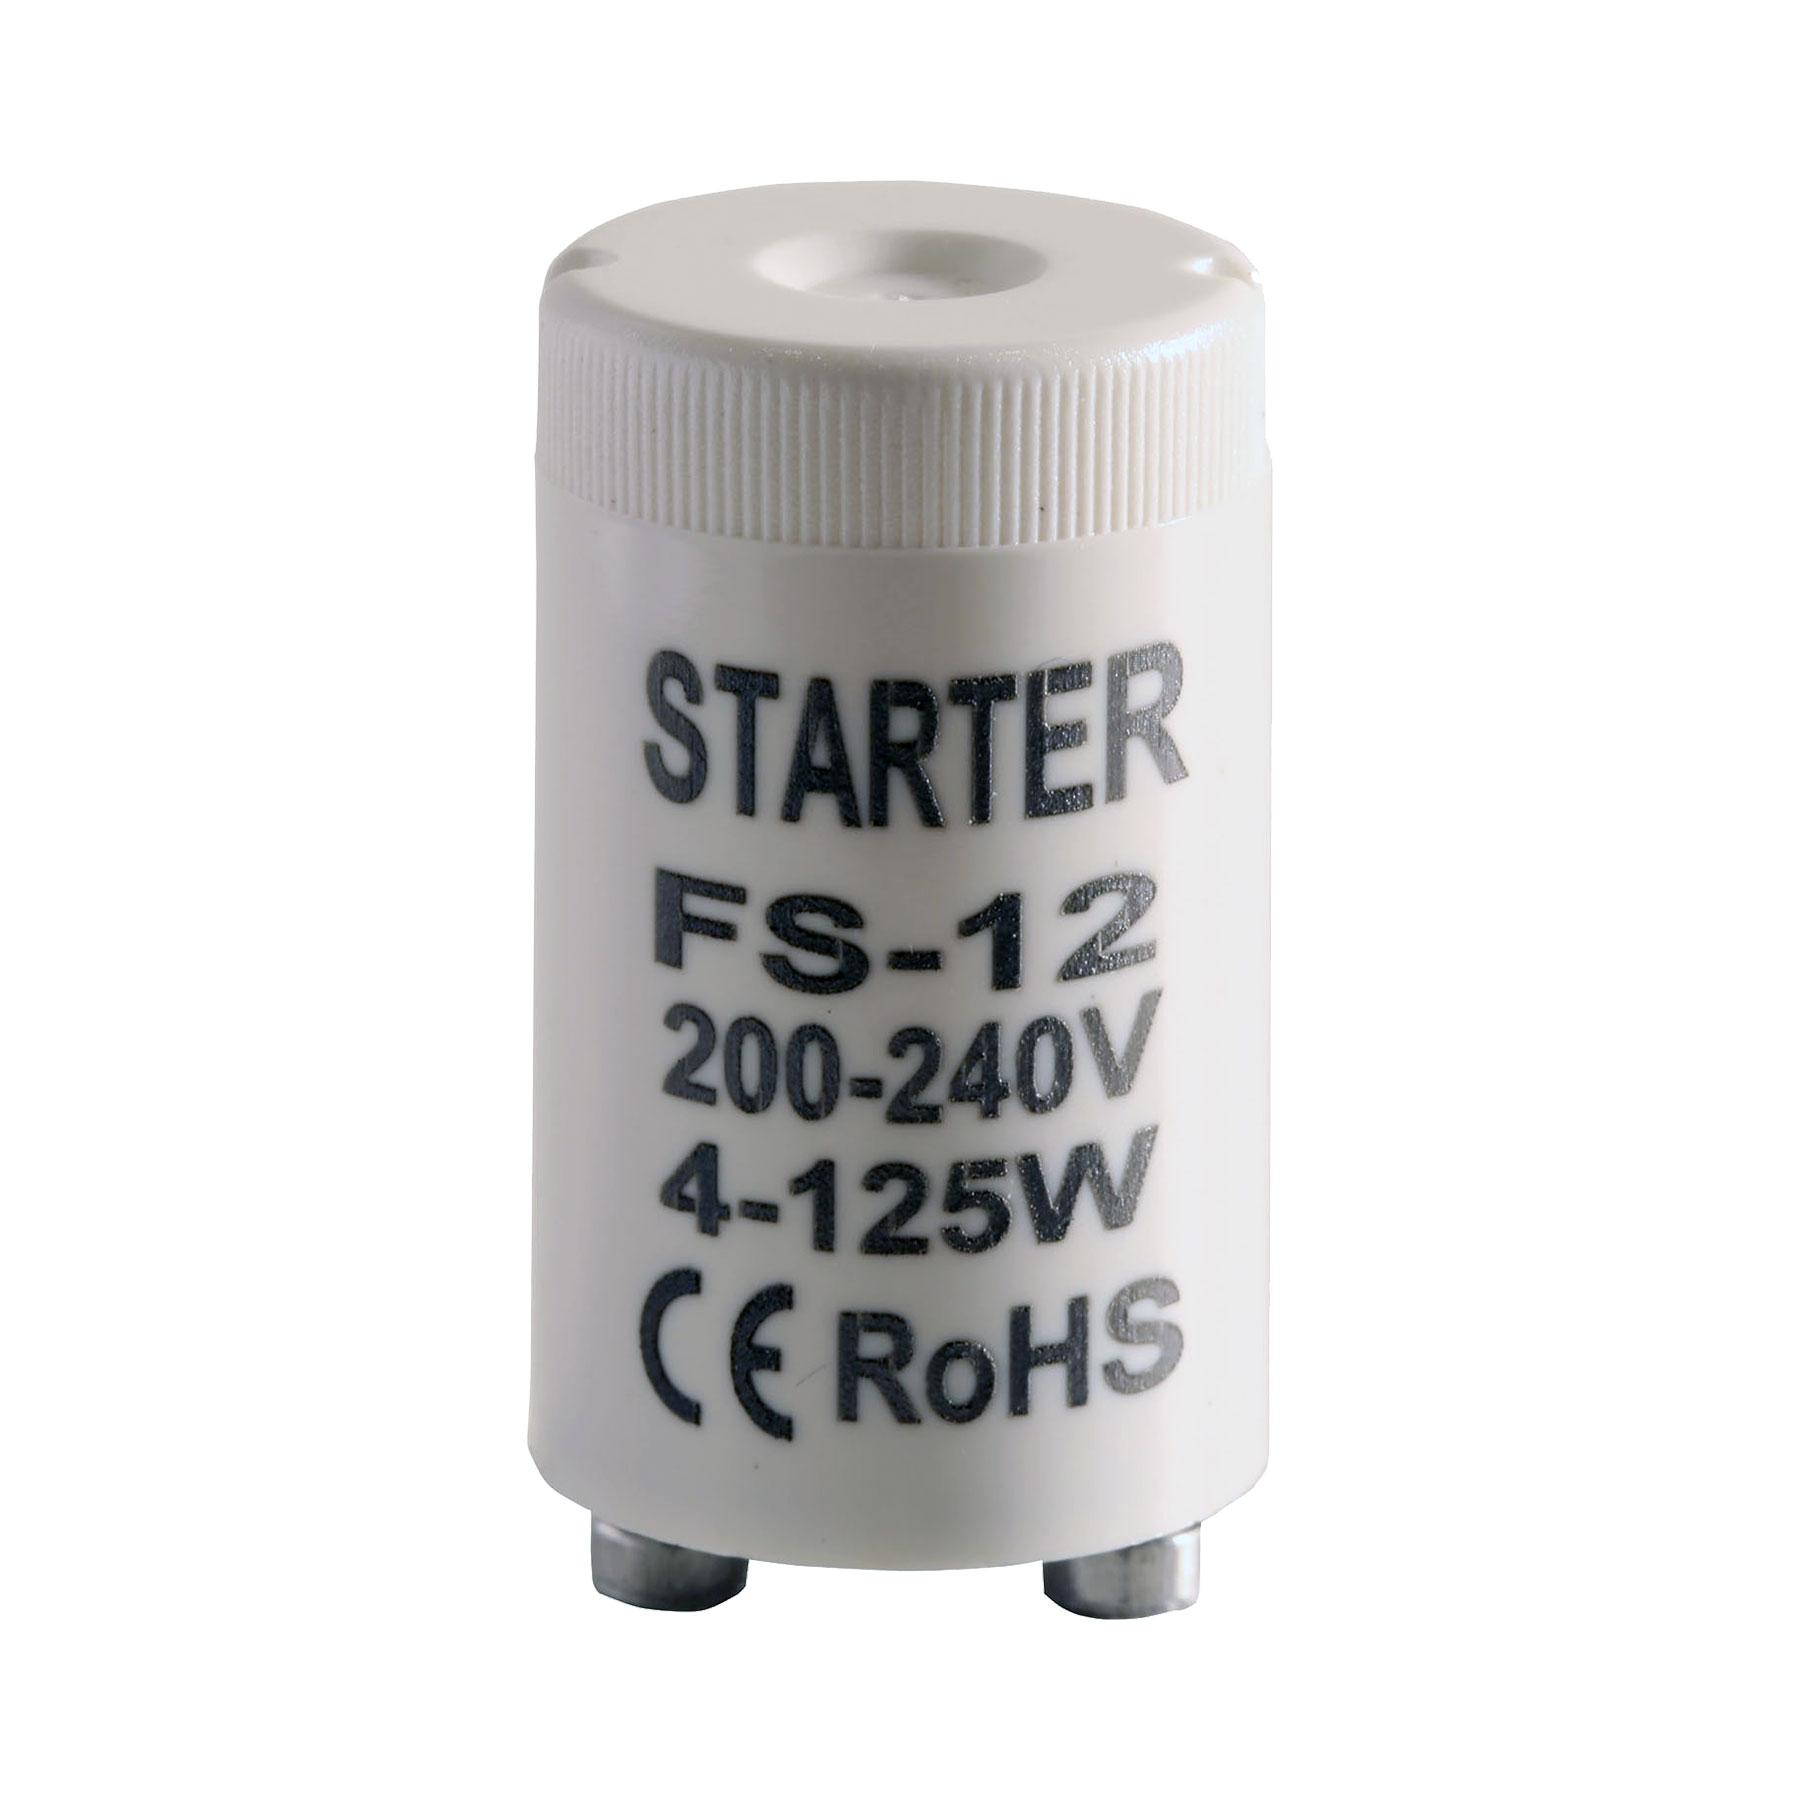 Fluorescent Starter Efs 600